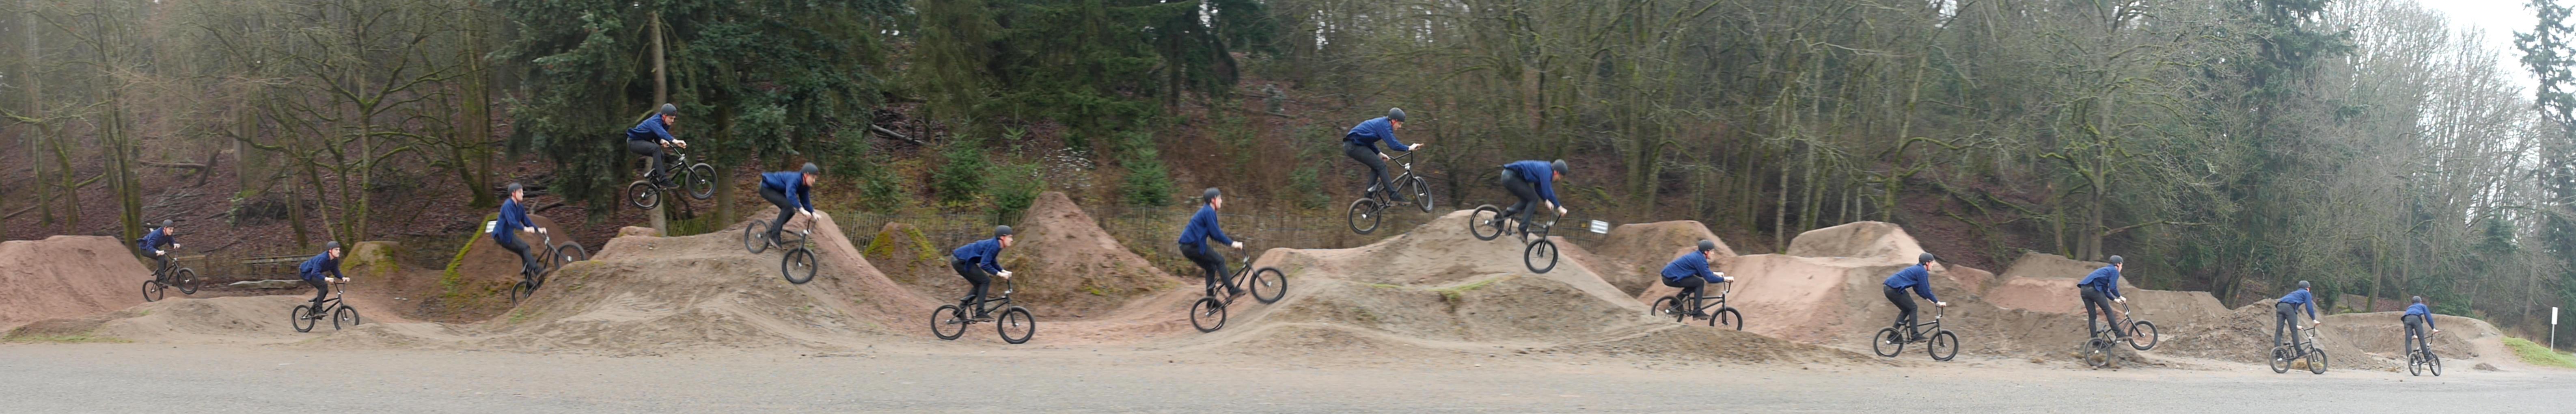 3 - dirt jumps